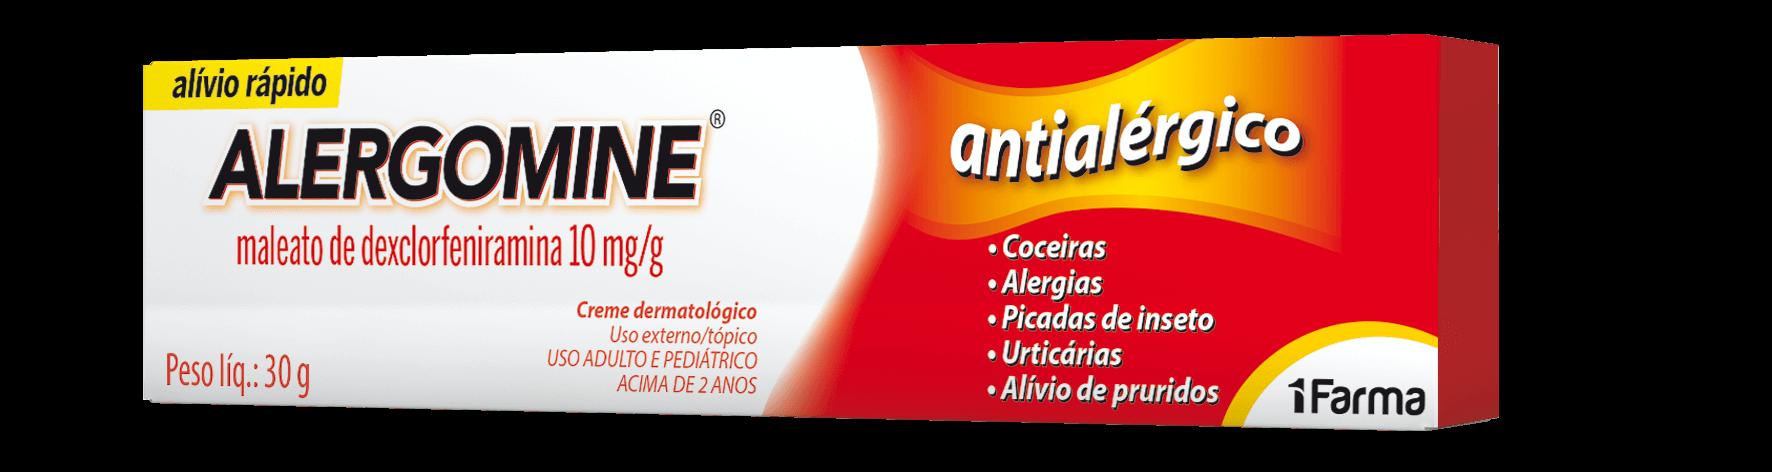 Imagem da embalagem de Alergomine Antialérgico Creme